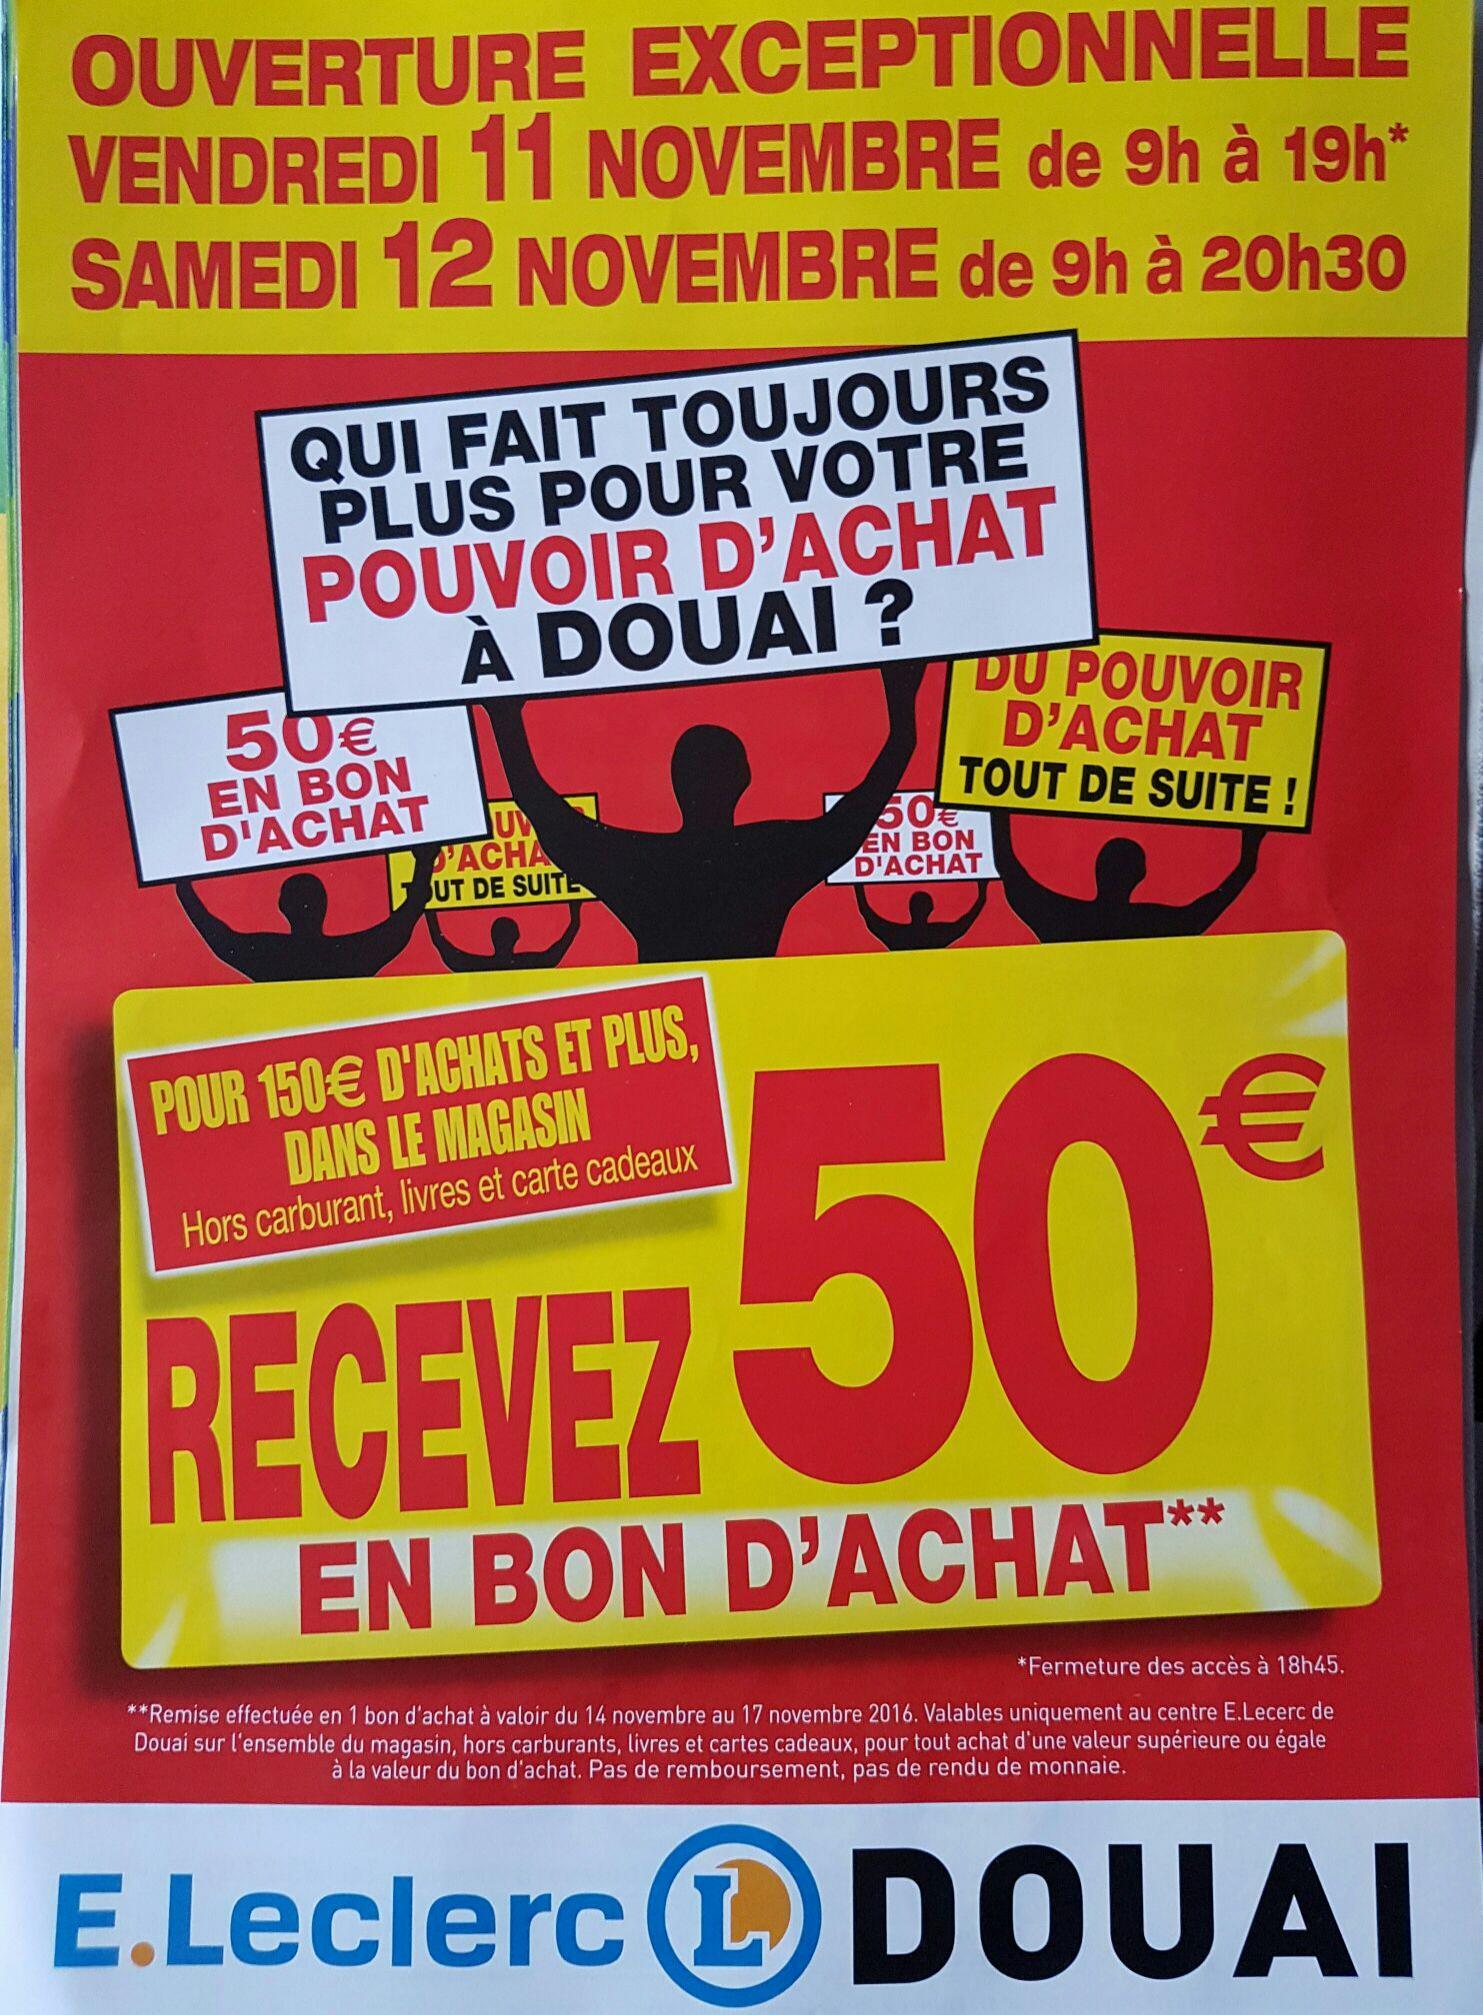 50€ offerts en bon d'achat pour 150€ dépensés